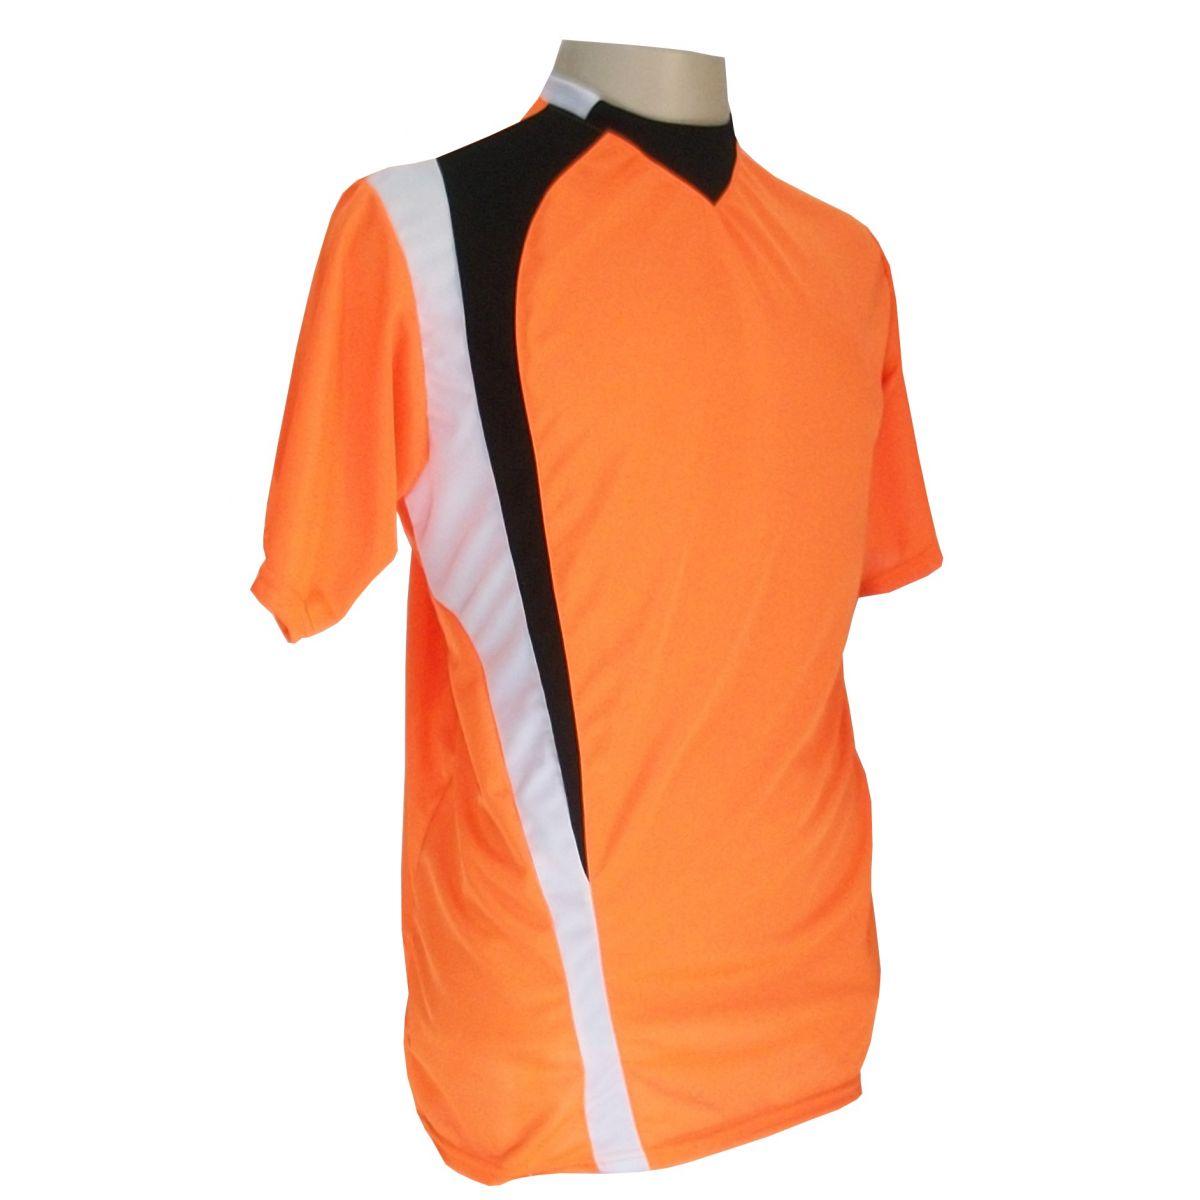 Jogo de Camisa com 14 unidades modelo PSG Laranja/Preto/Branco + 1 Goleiro + Brindes